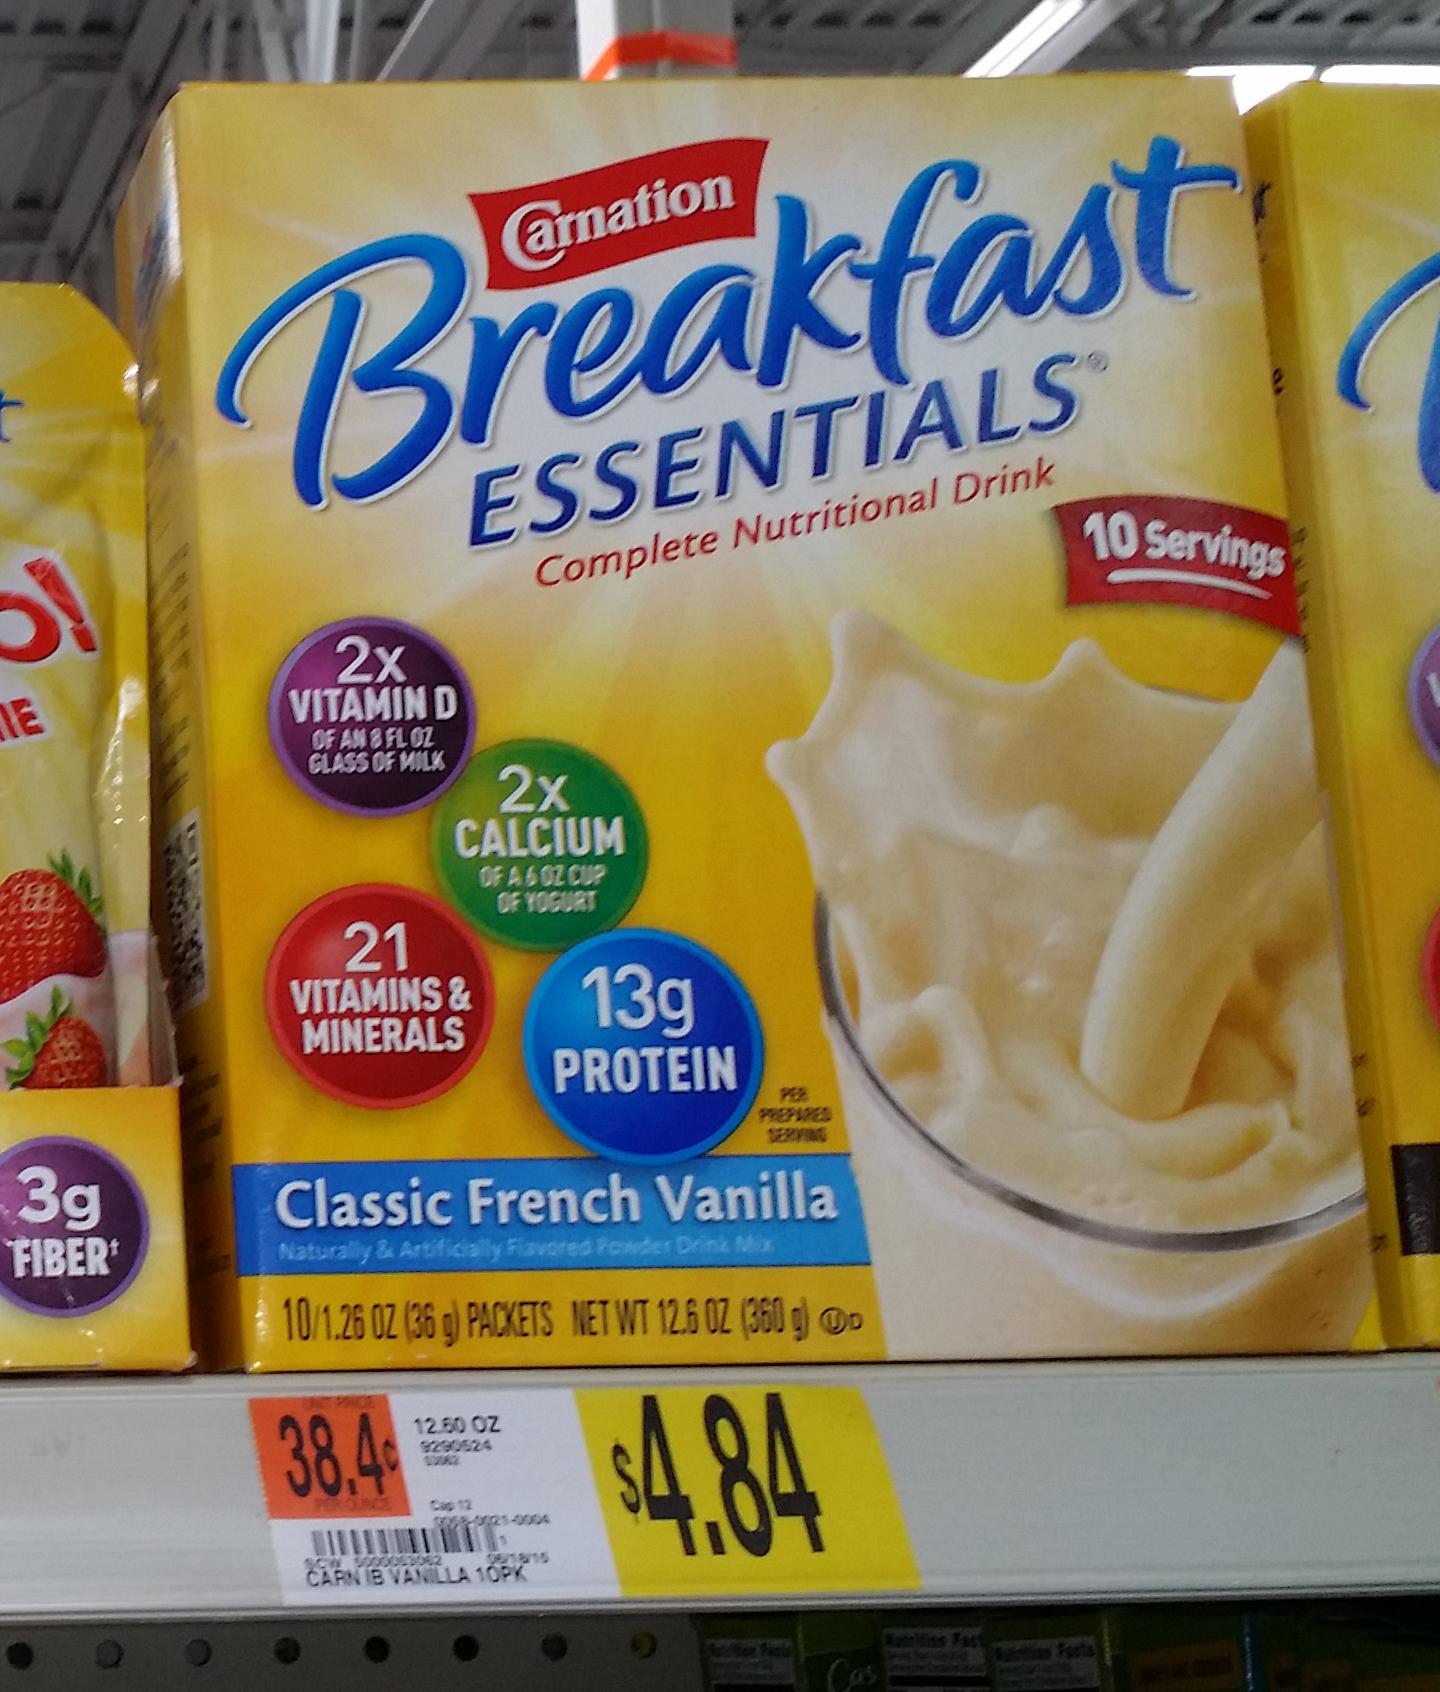 Carnation Breakfast Essentials Powder Drink Mix Just $3.34 at Walmart!